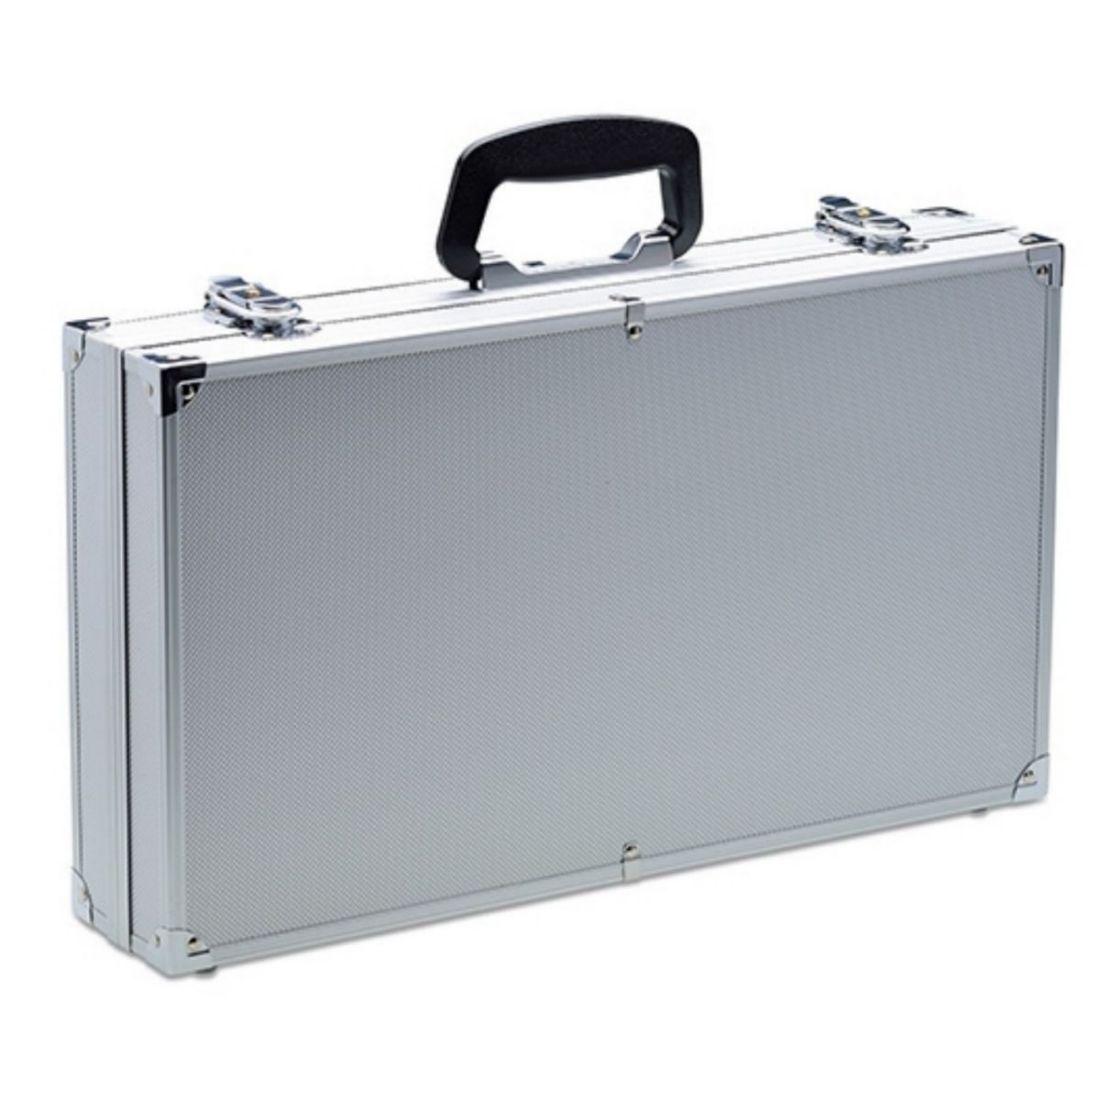 Kufr magnetický na nože 22 pozic prázdný